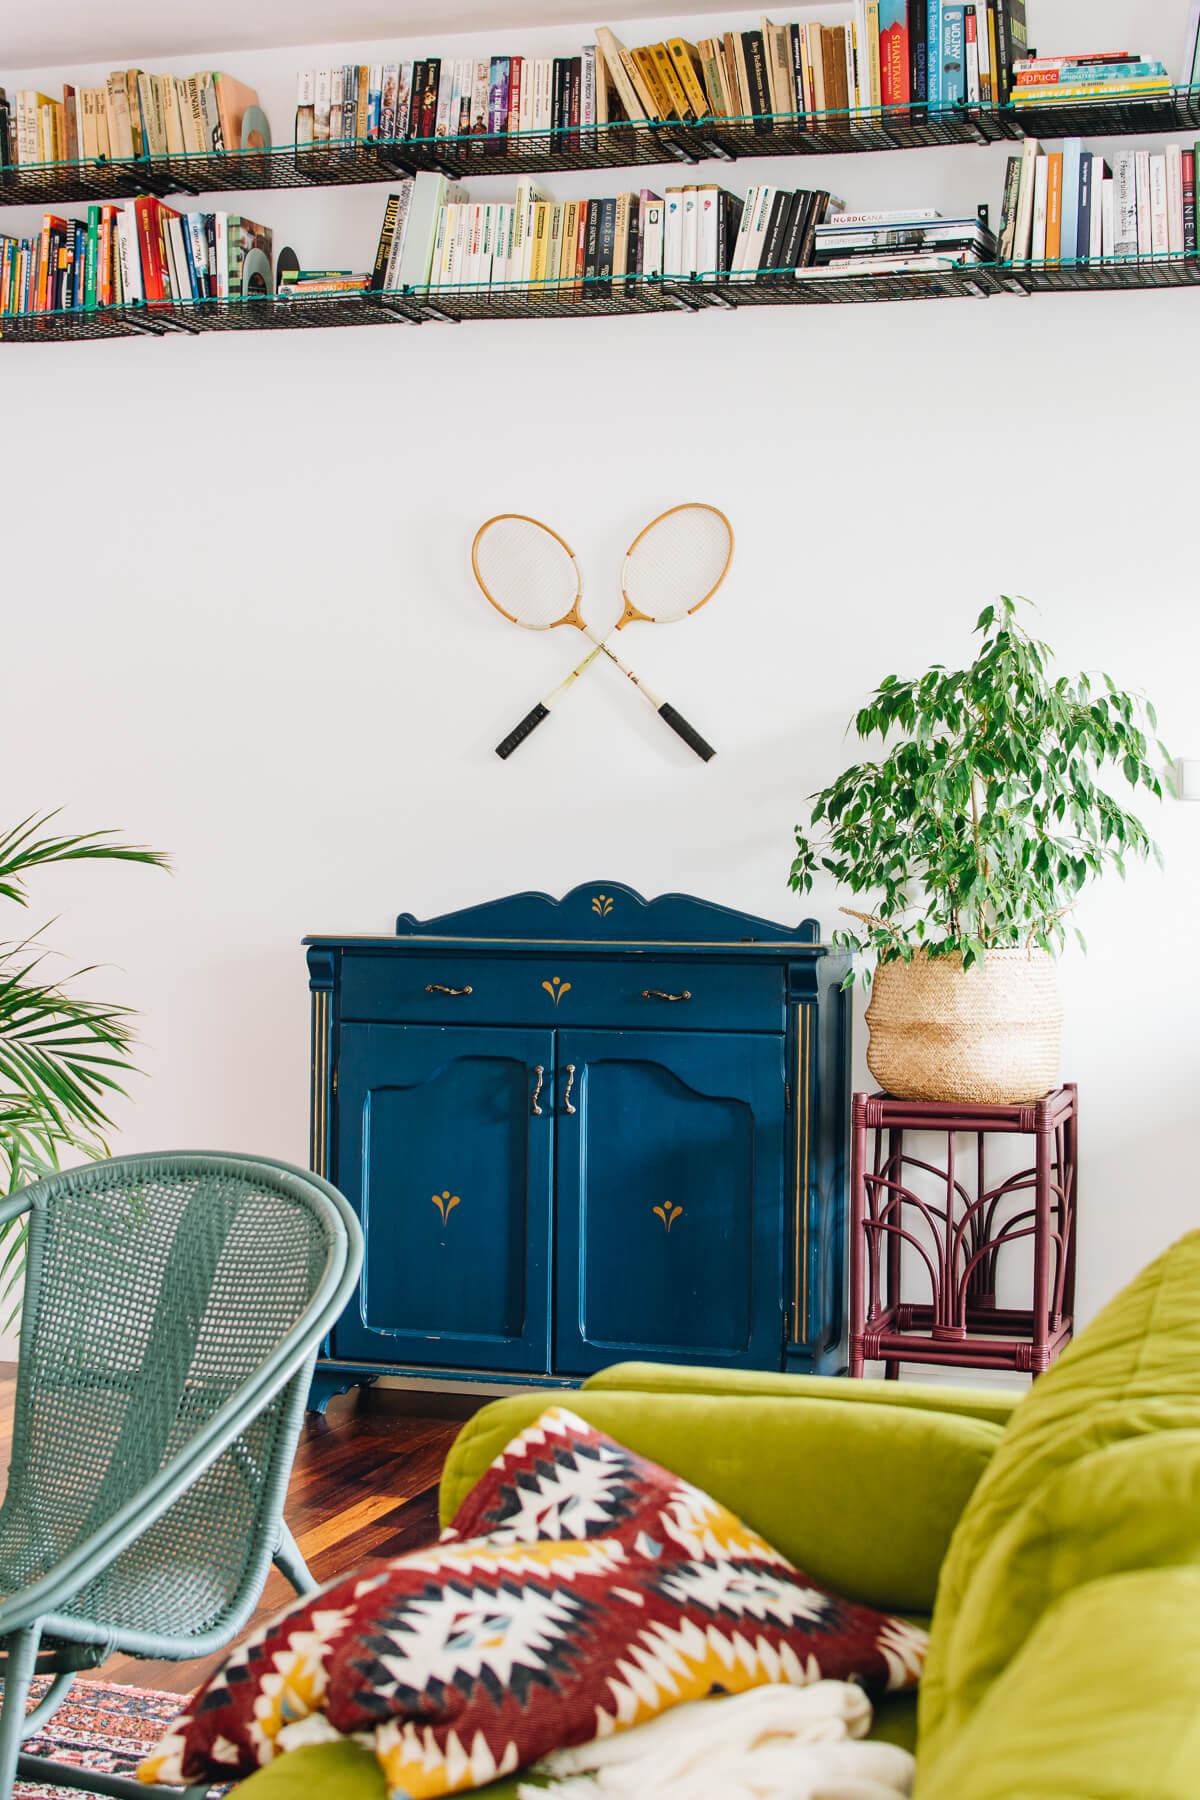 Fragment  kolorowego salonu z niebieską stylizowaną szafką, półkami na książki i zegarem w kształcie kota